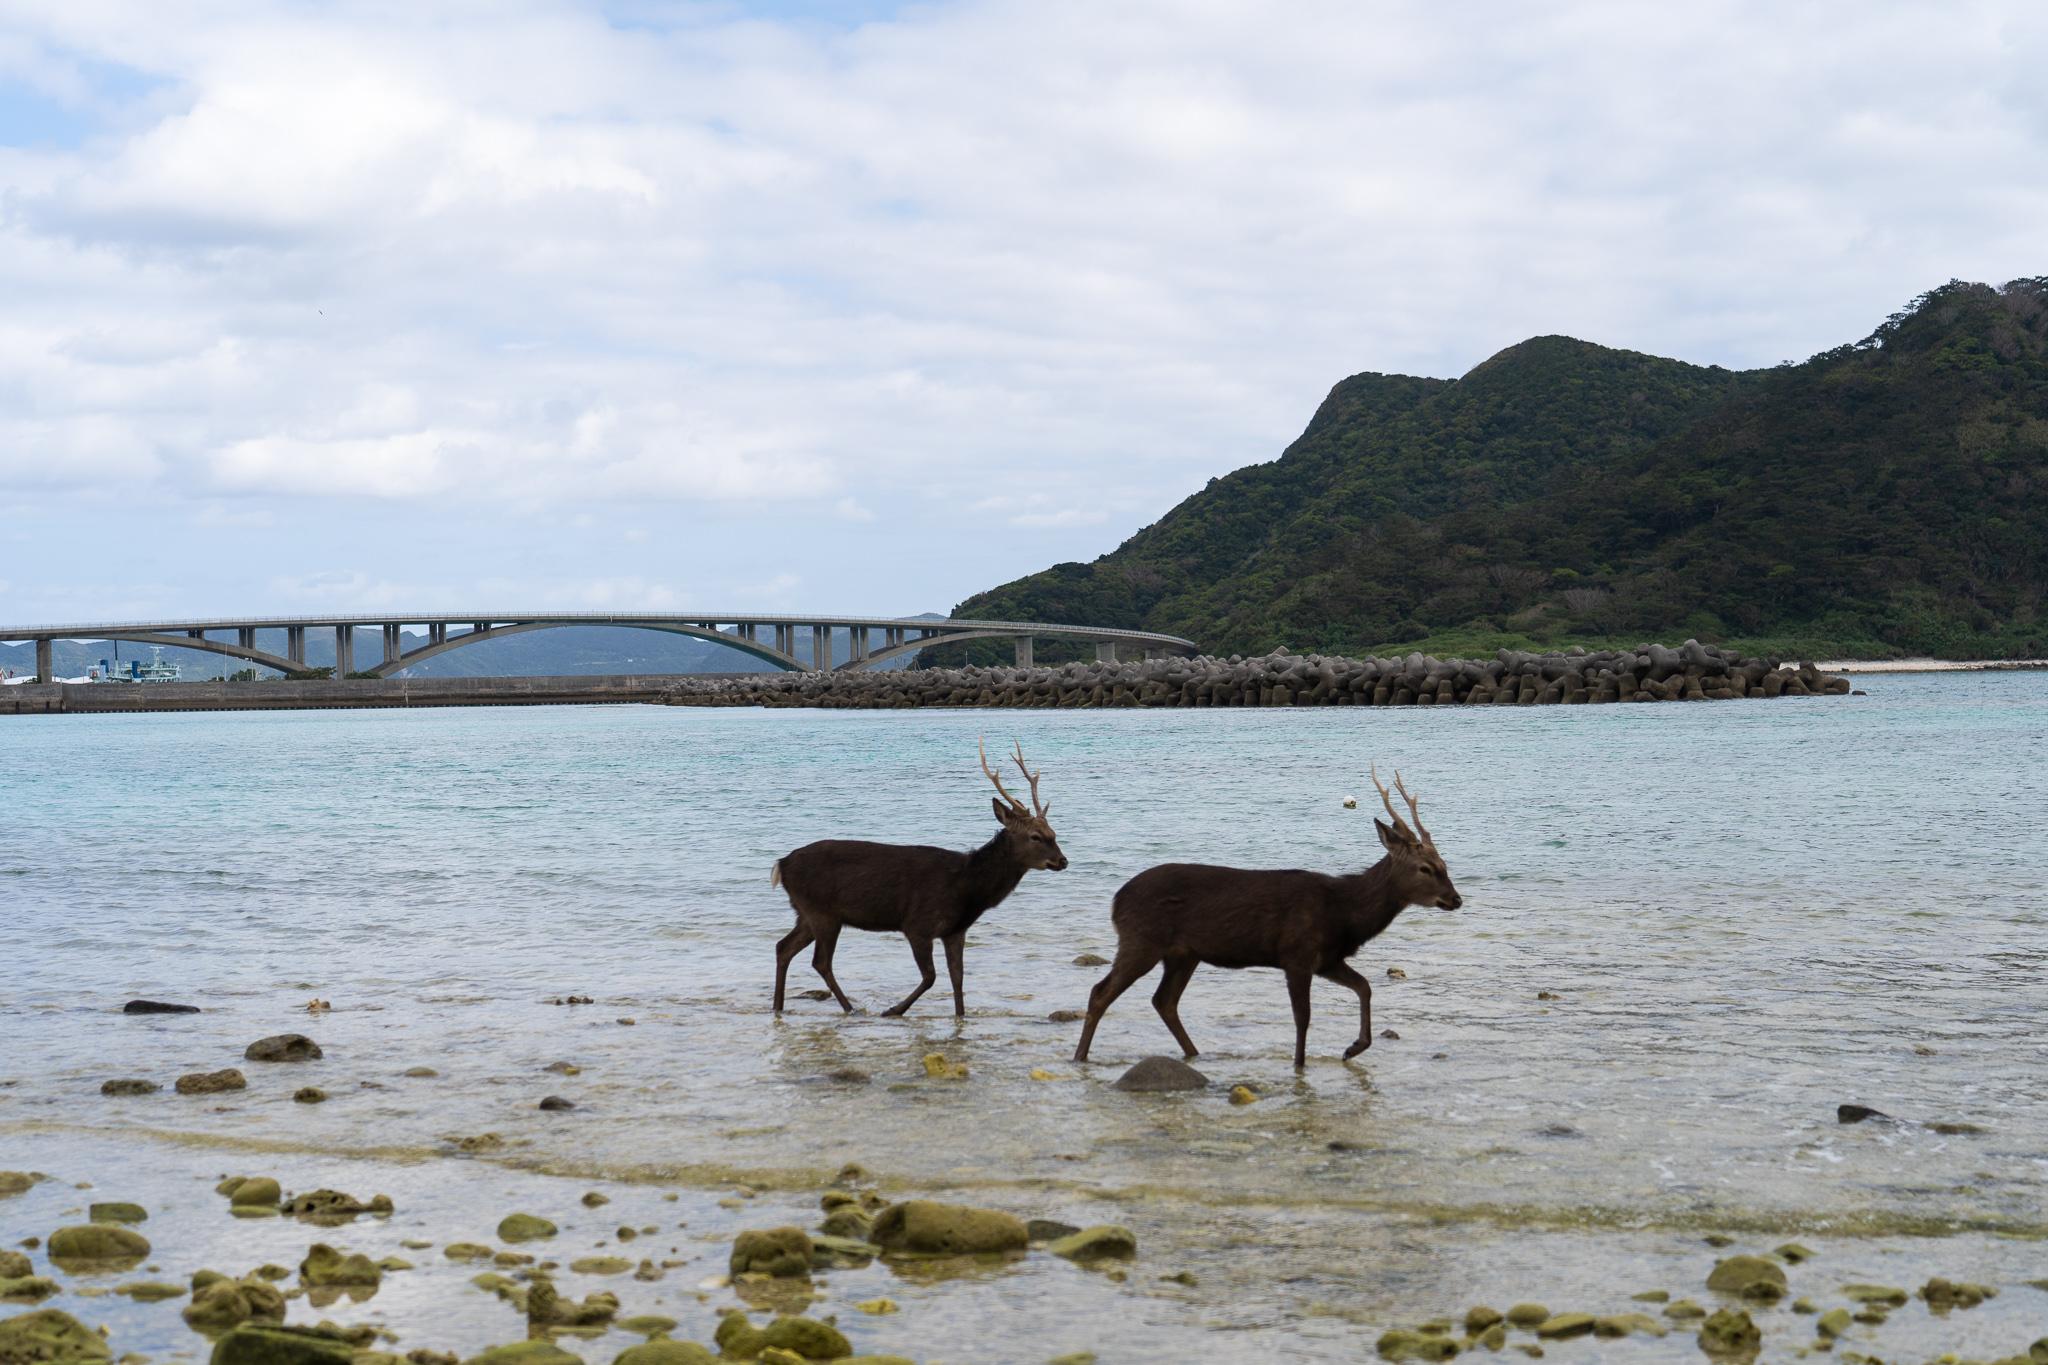 阿嘉島、慶良間島に~海で遊ぶ、天然記念物「ケラマジカ(鹿)」を見に~@沖縄